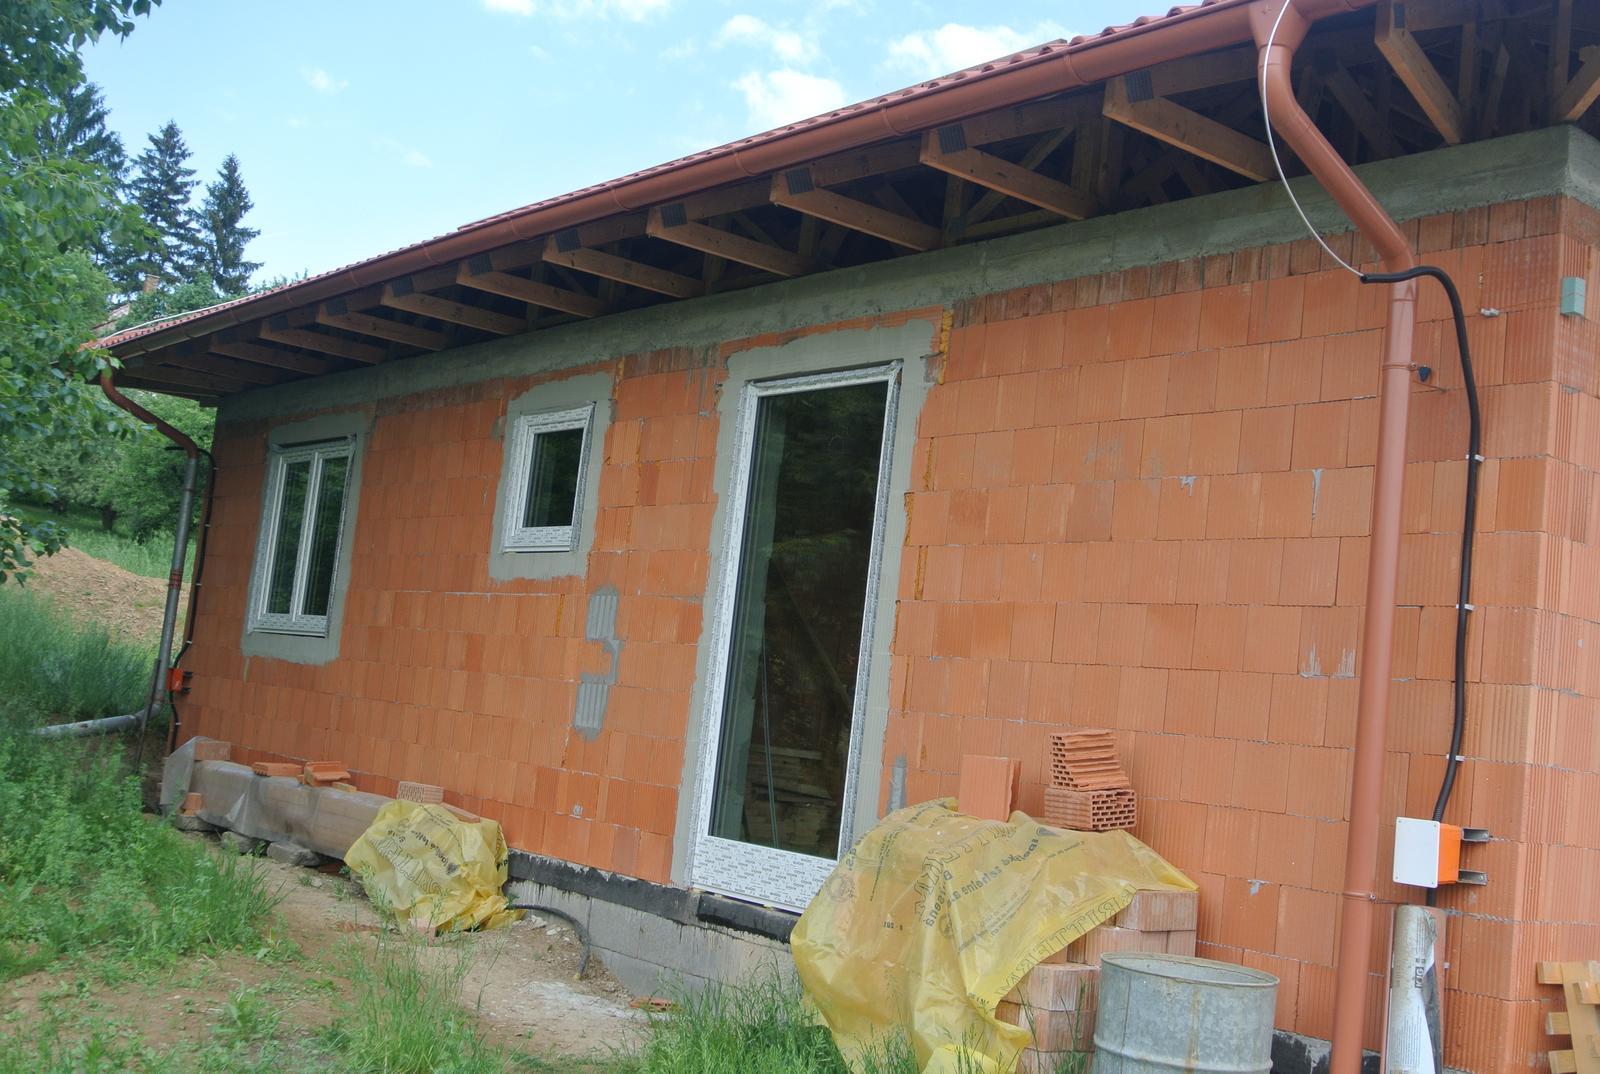 A bude domček ... - 12.5.2018 Montáž okien. Už sa naša stavba naozaj začína podobať na doim :-)